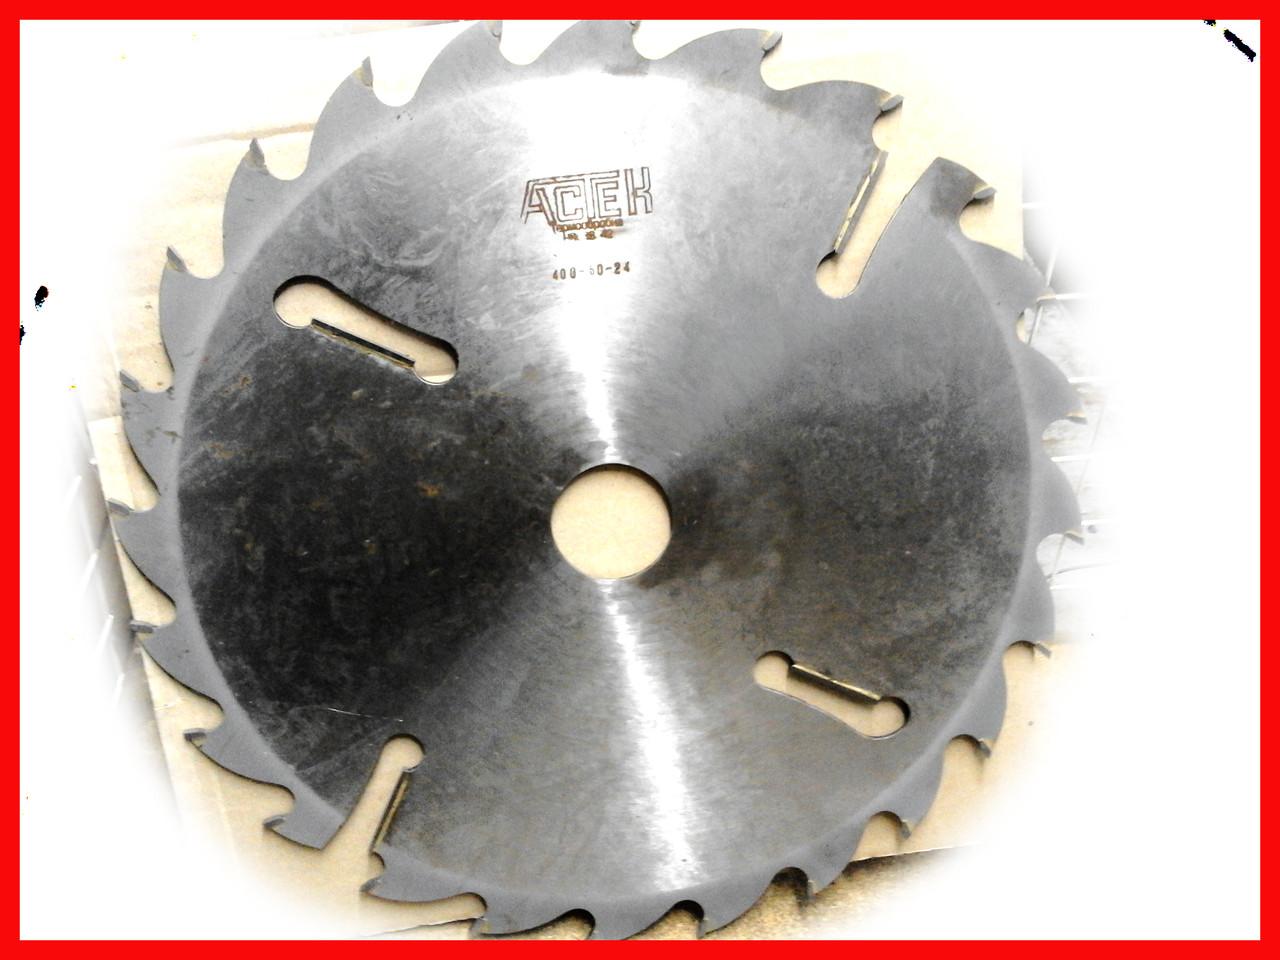 Пильный диск. с подрезными ножами. 450х50х24+6. Пильный диск по дереву. Циркулярка. Дисковая пила.Диск пильный